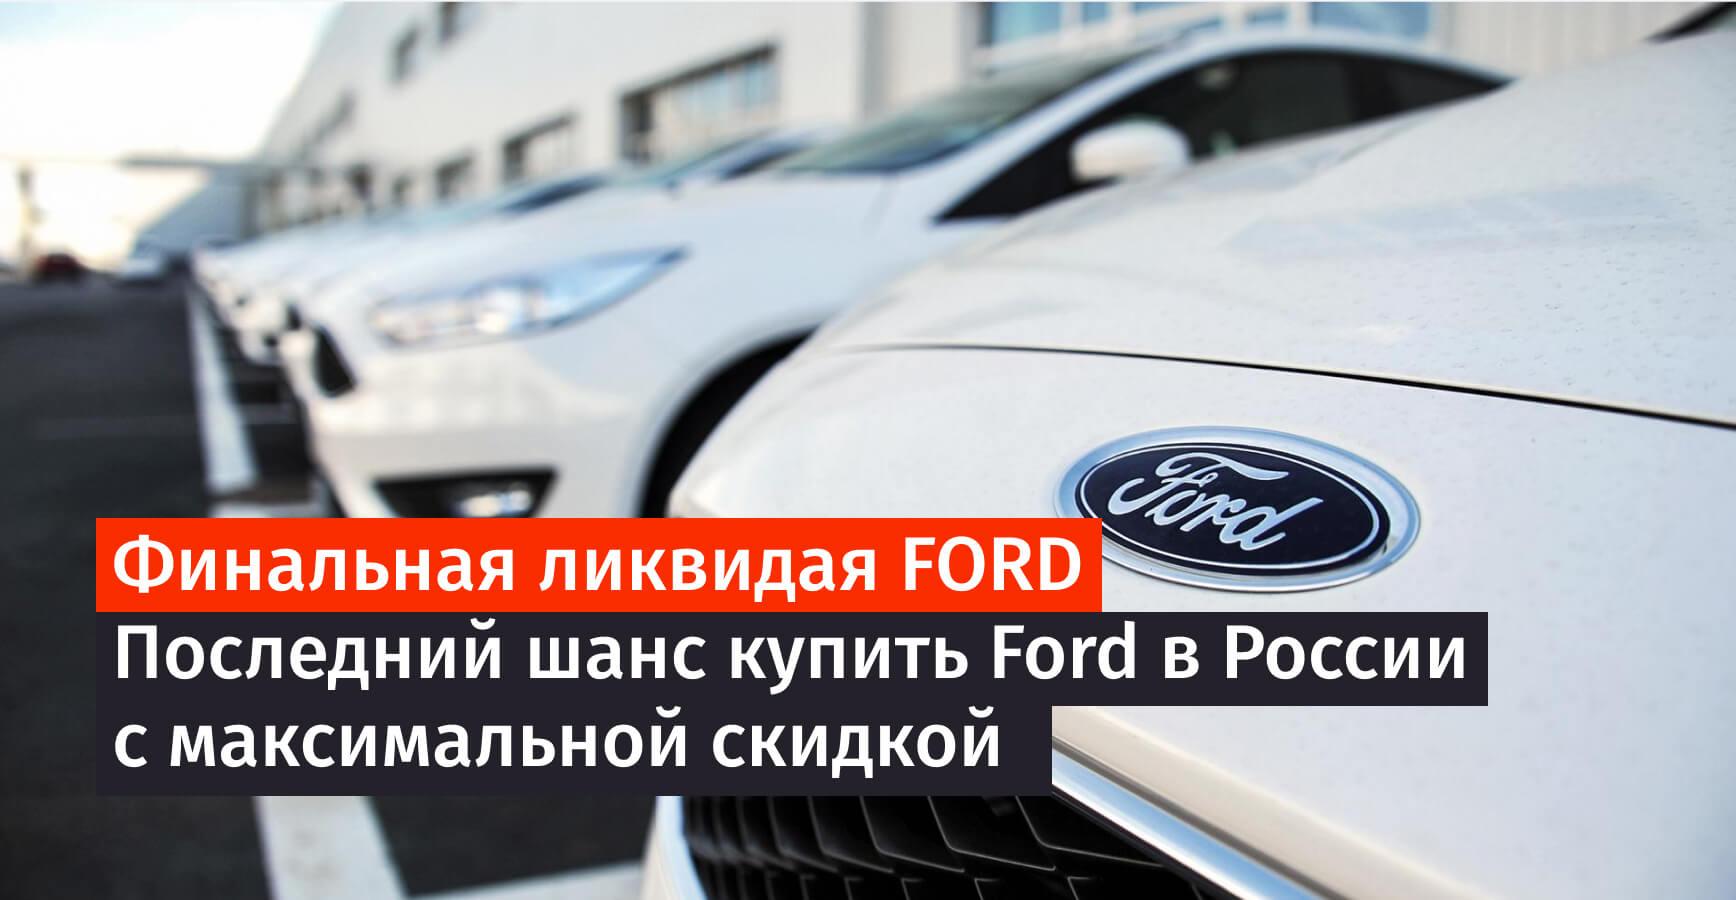 likvidaciya-sklada-am-ford-s-horoshey-skidkoy-do-30-iyunya